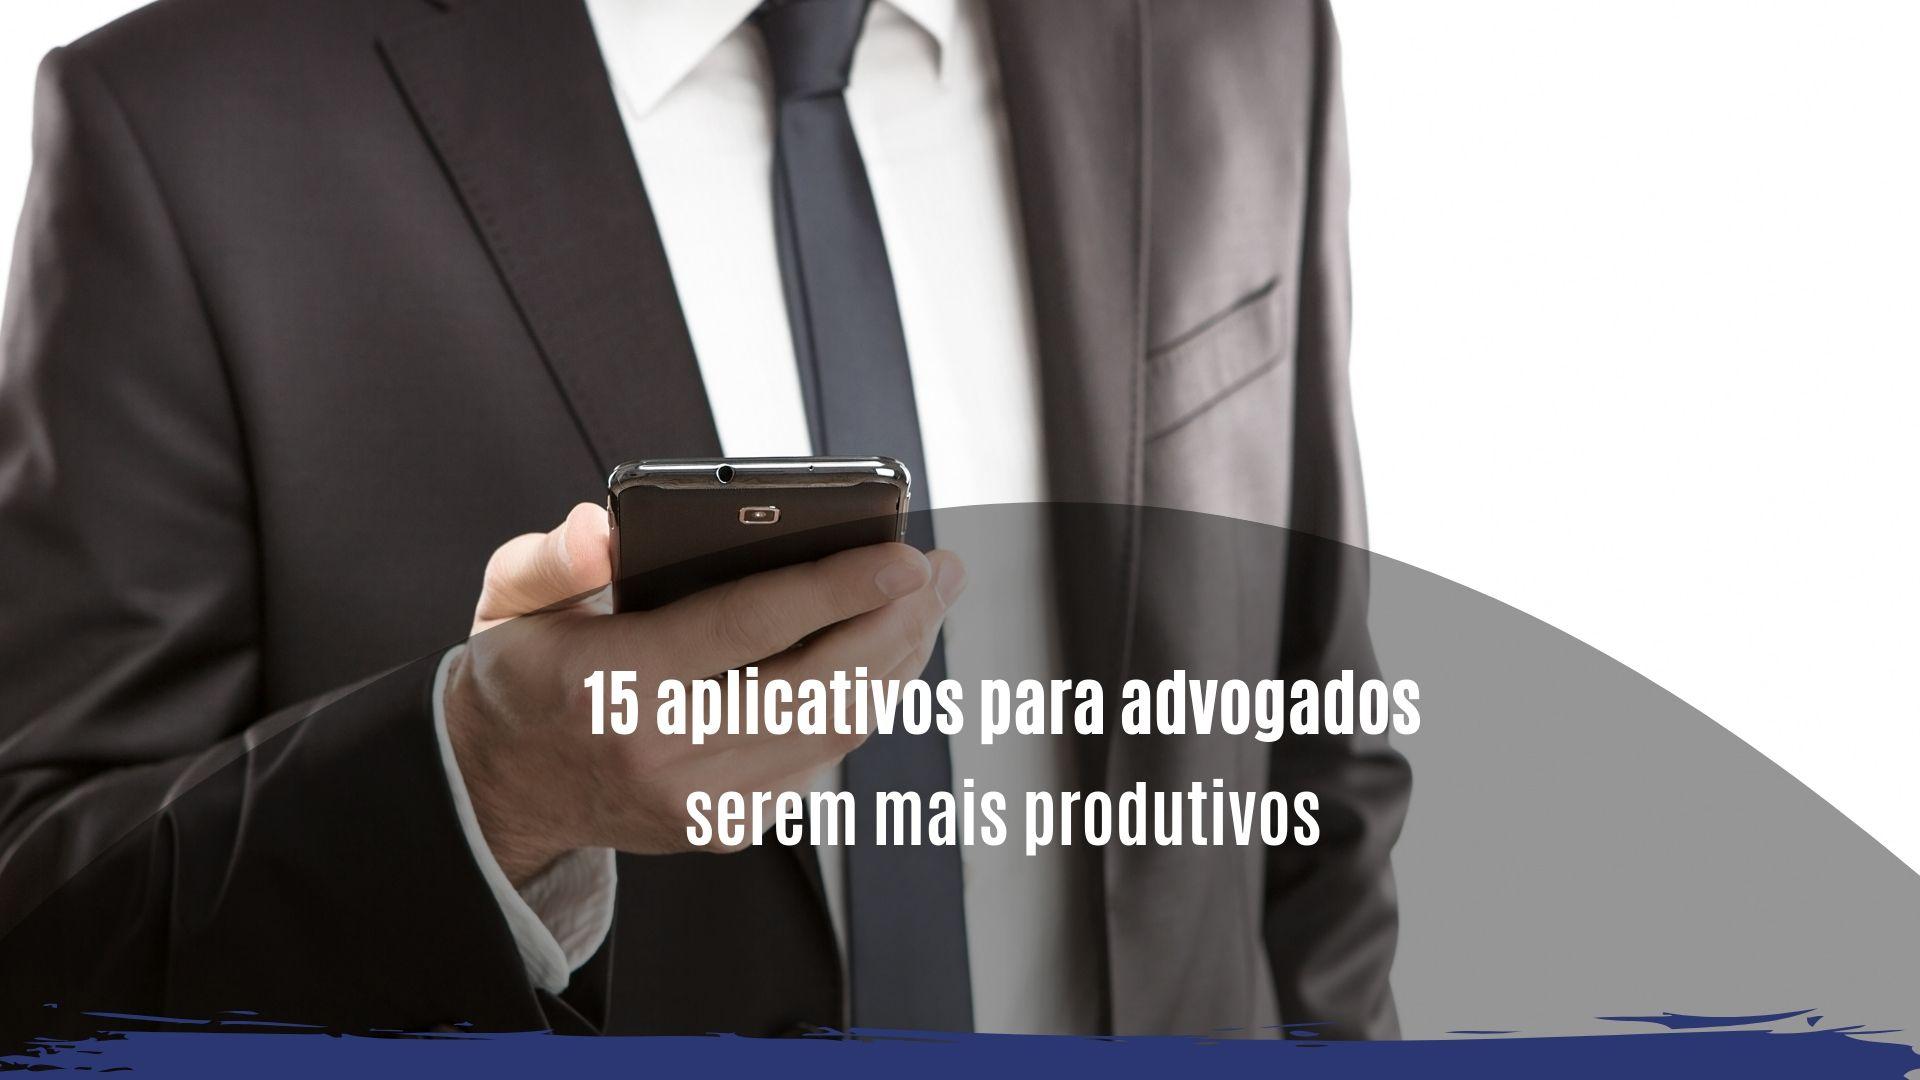 aplicativos para advogados serem mais produtivos